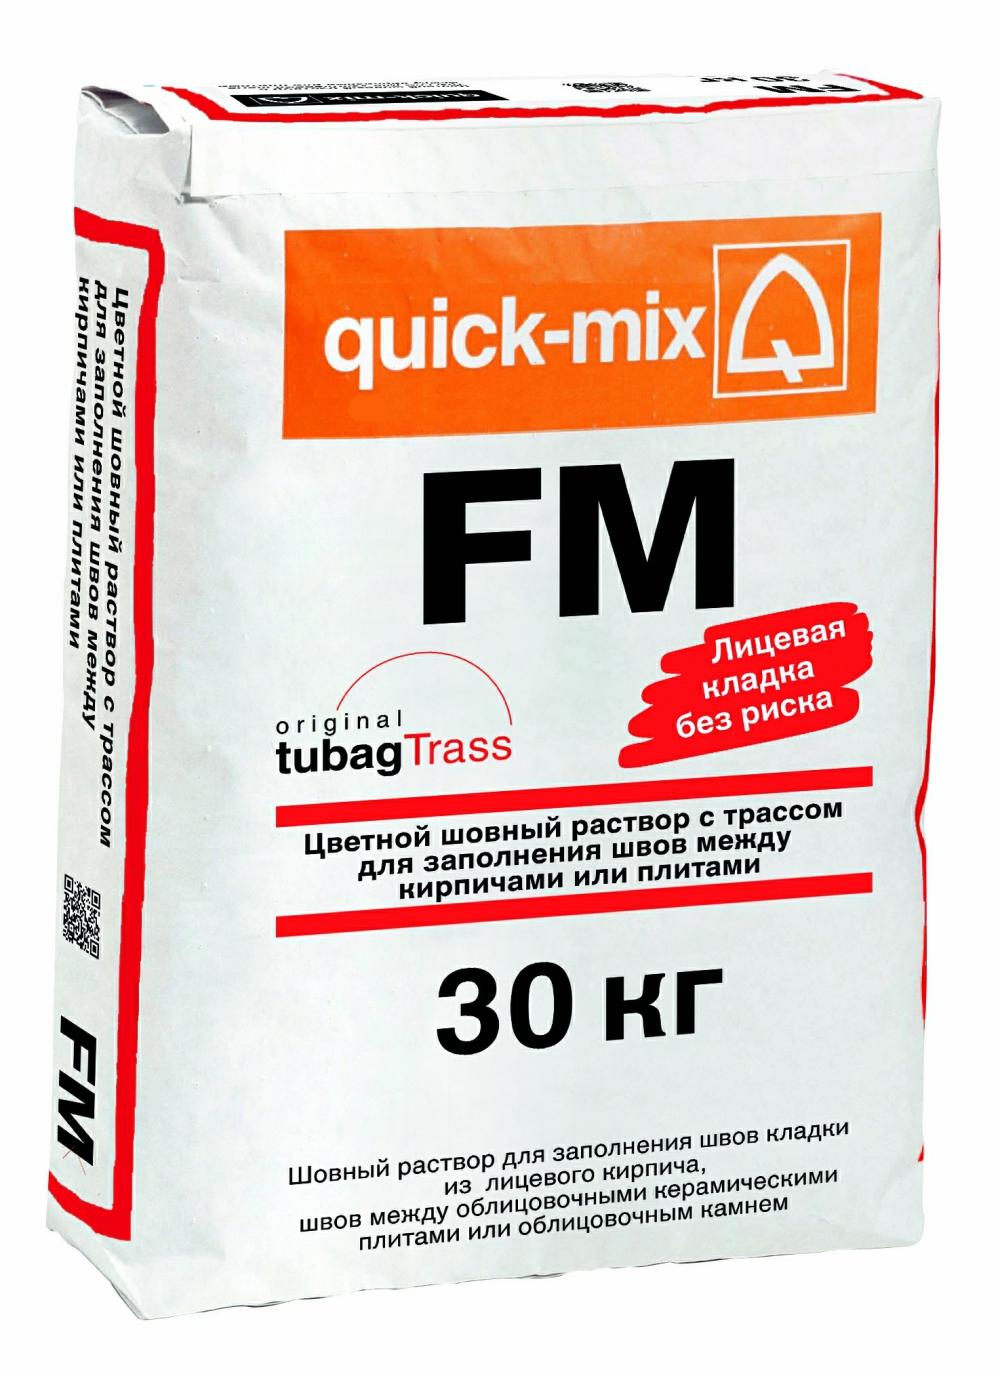 Quick-Mix Затирка для кирпичной кладки, широких швов камня (заполнение швов методом набивки) FM графитово-серый 25кг